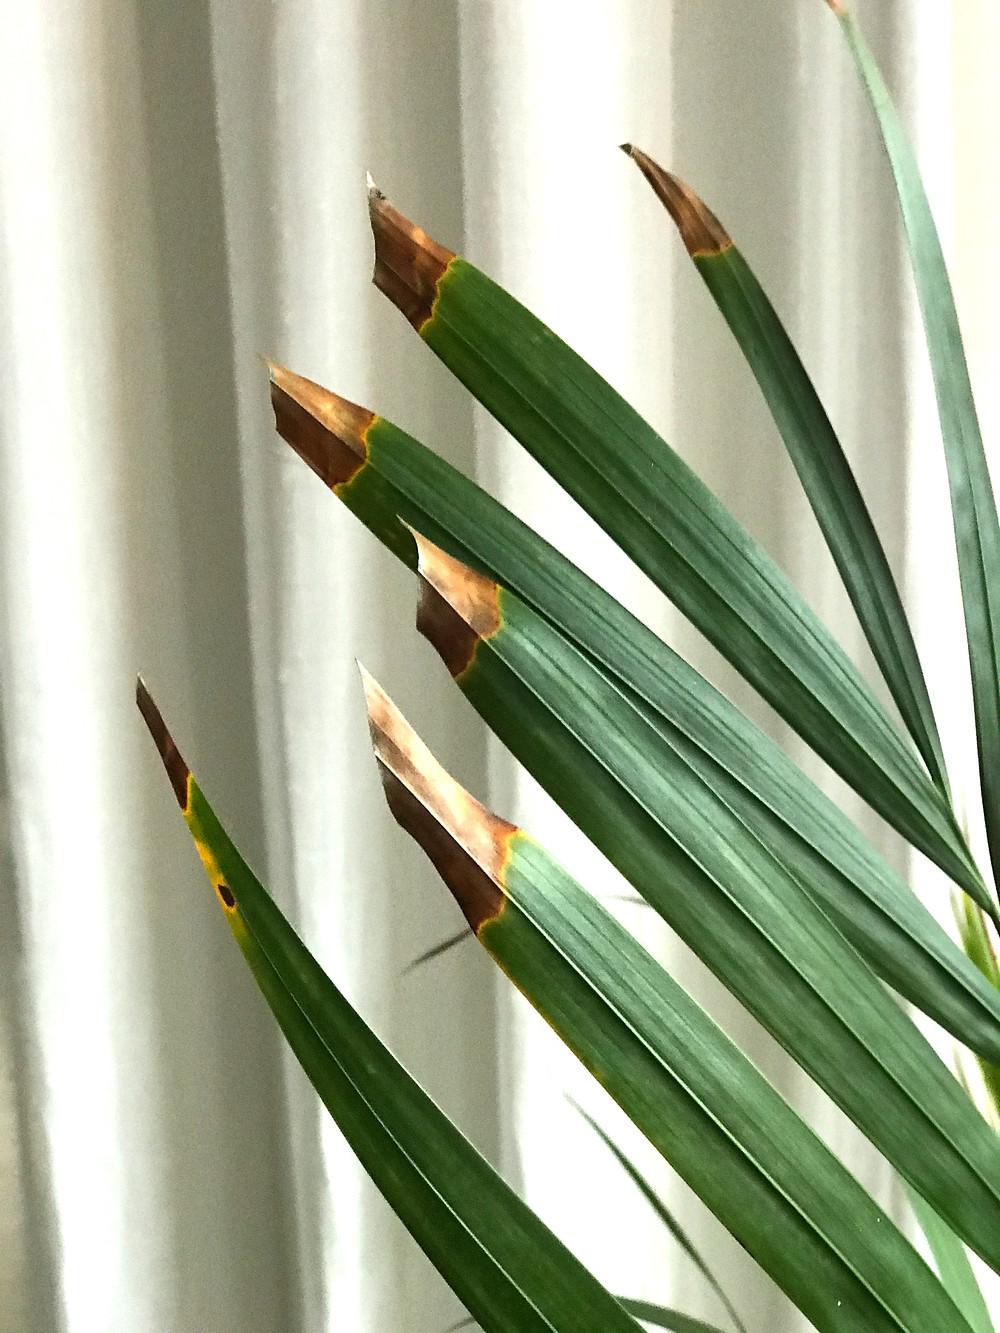 Dypsis lutescens, Palma Areca con puntas marrón